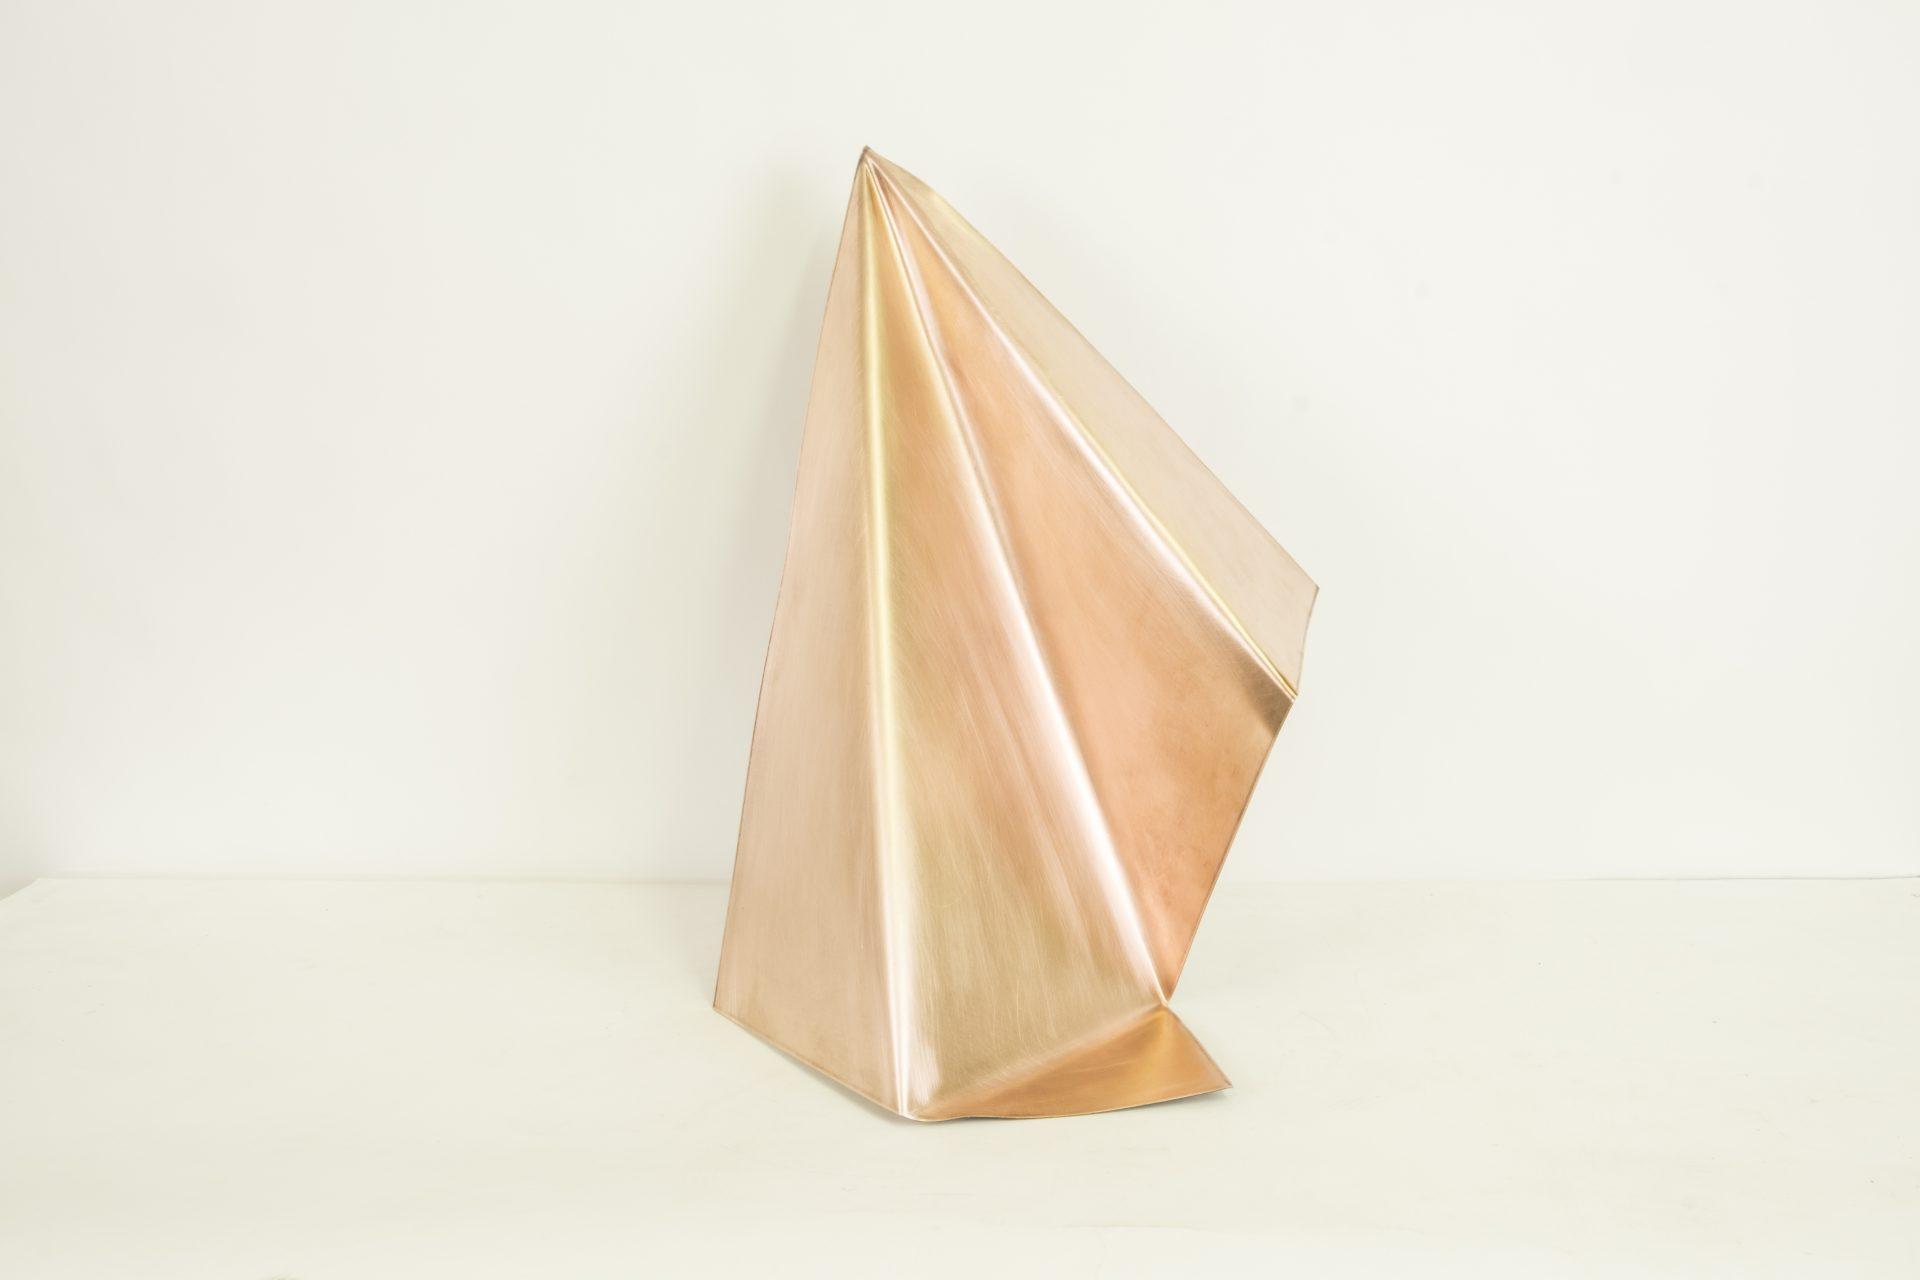 Genitori Forti<br>SPR03<br>misure: 52 x 75,5 x 28 cm<br>tecnica: scultura di rame<br>anno: 2018